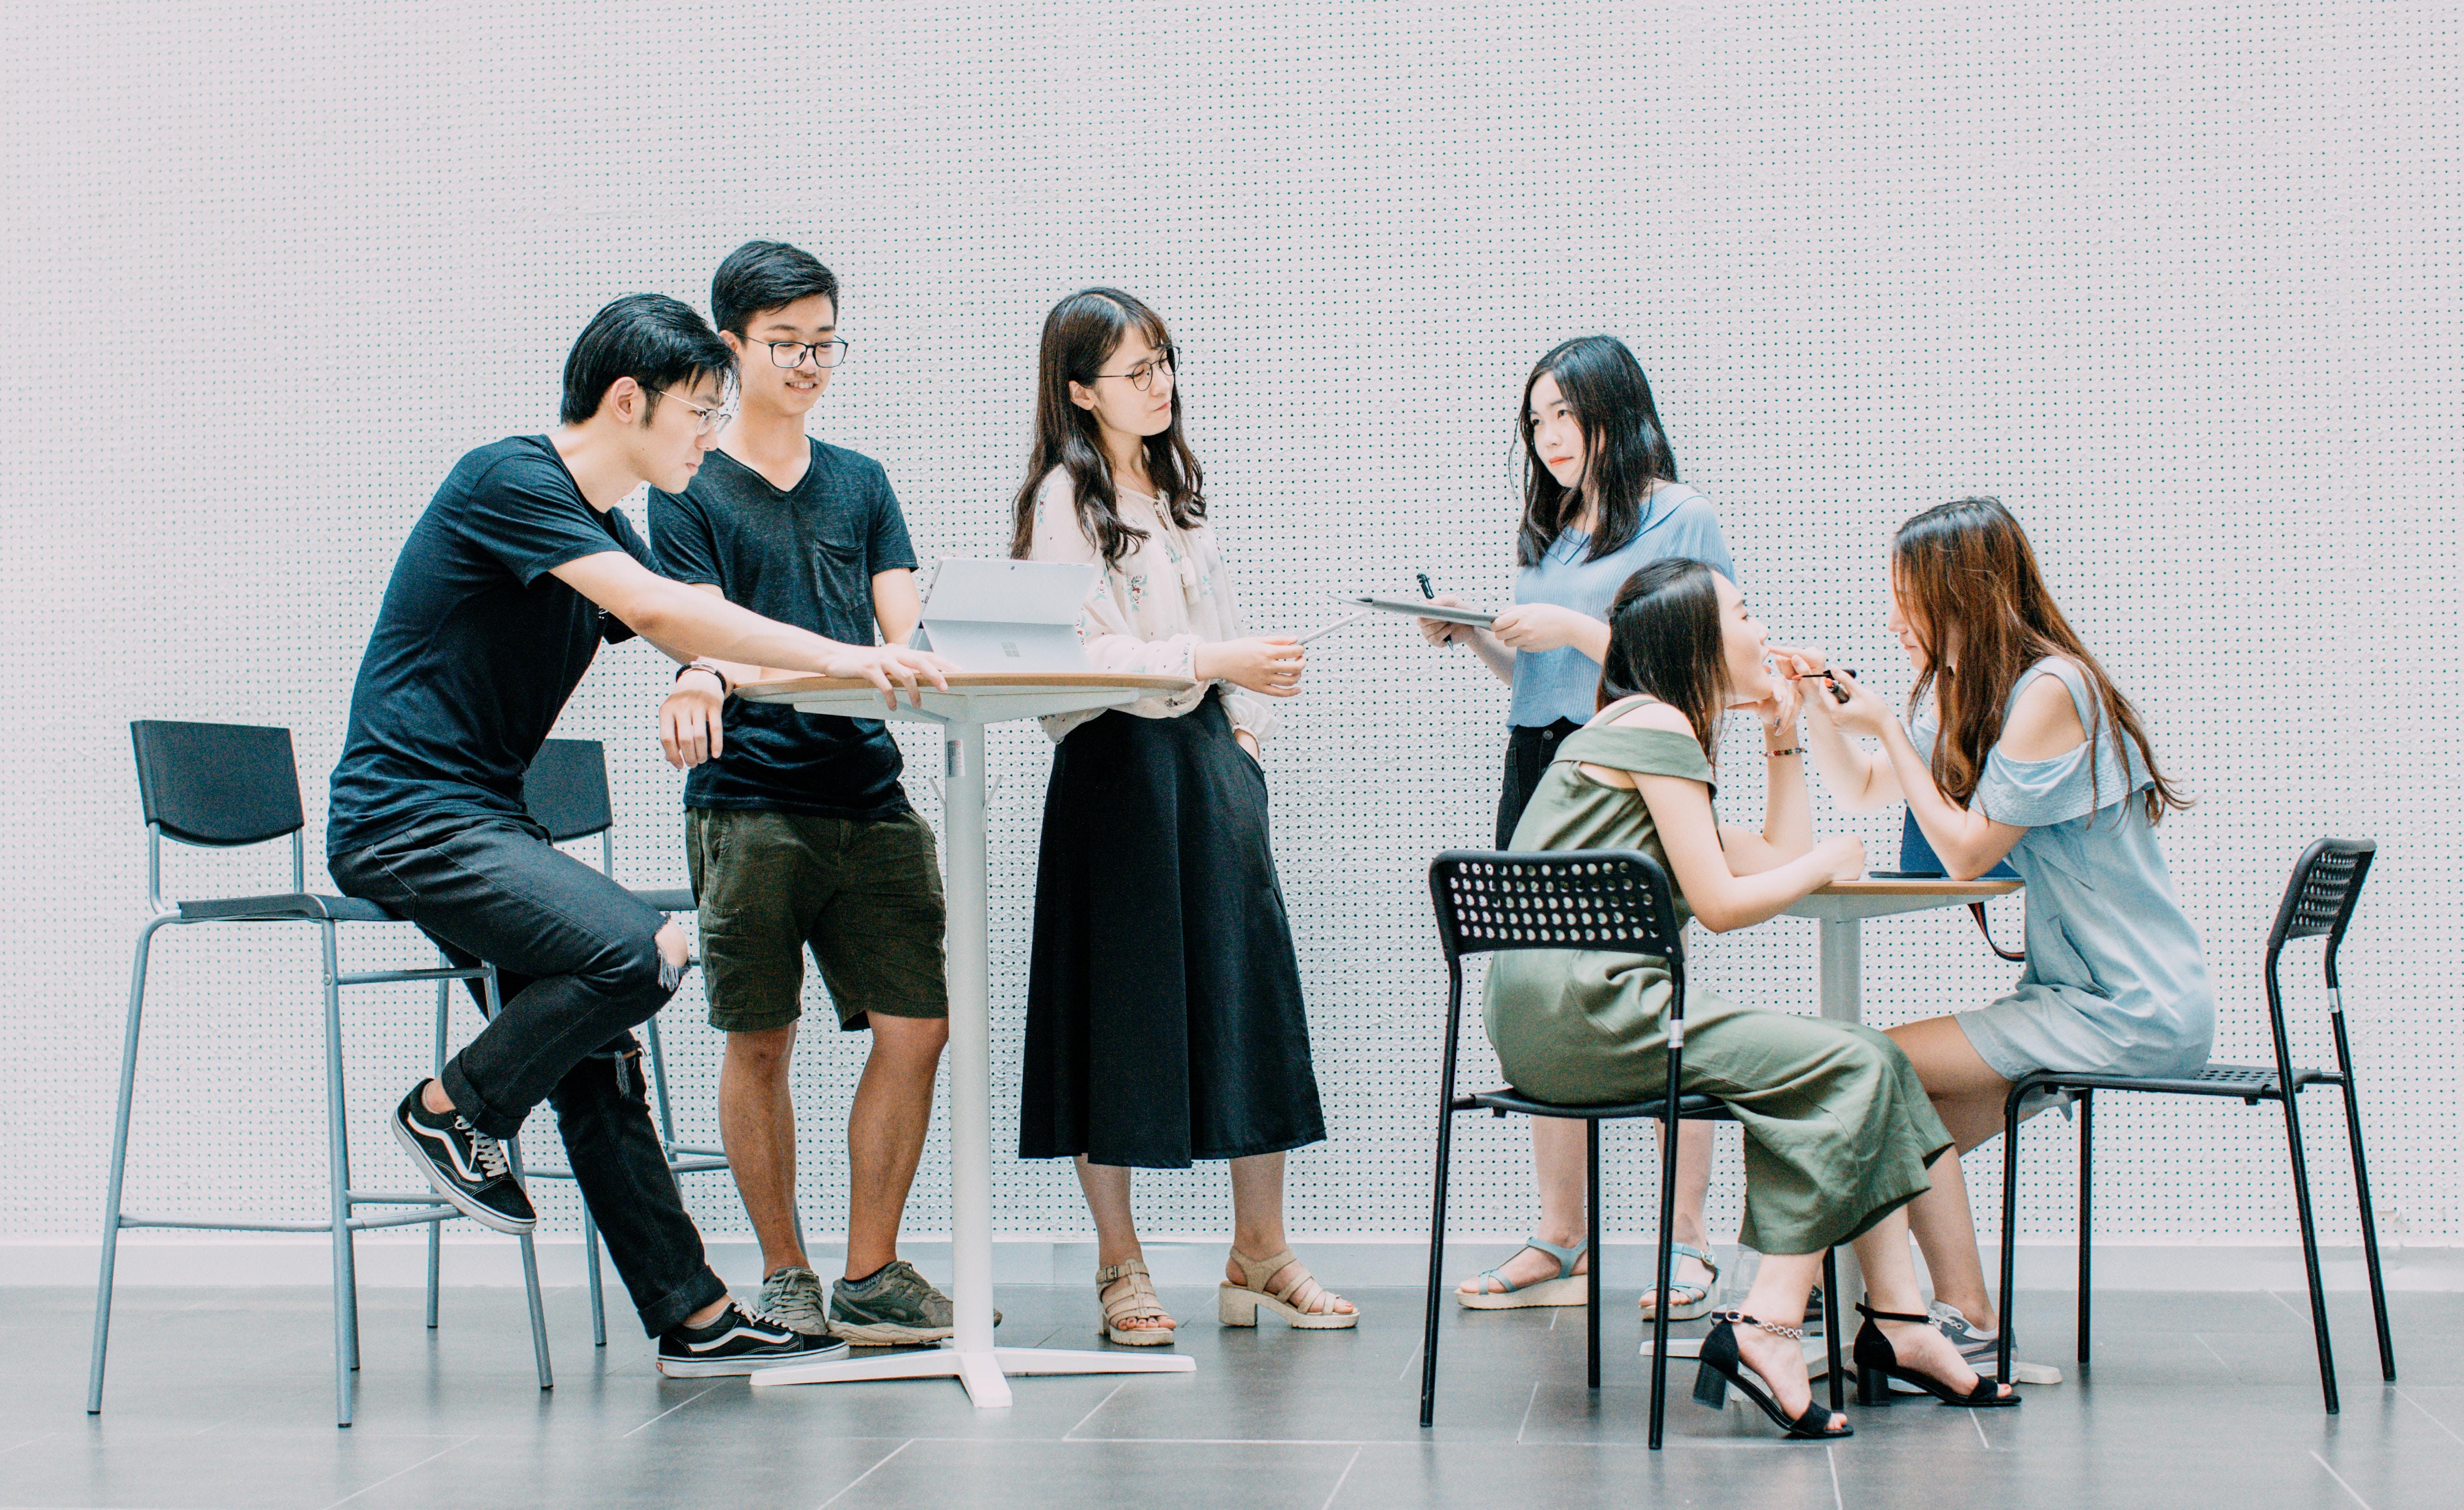 インフラエンジニアの勉強方法19選【本・サイト・スクール・資格】